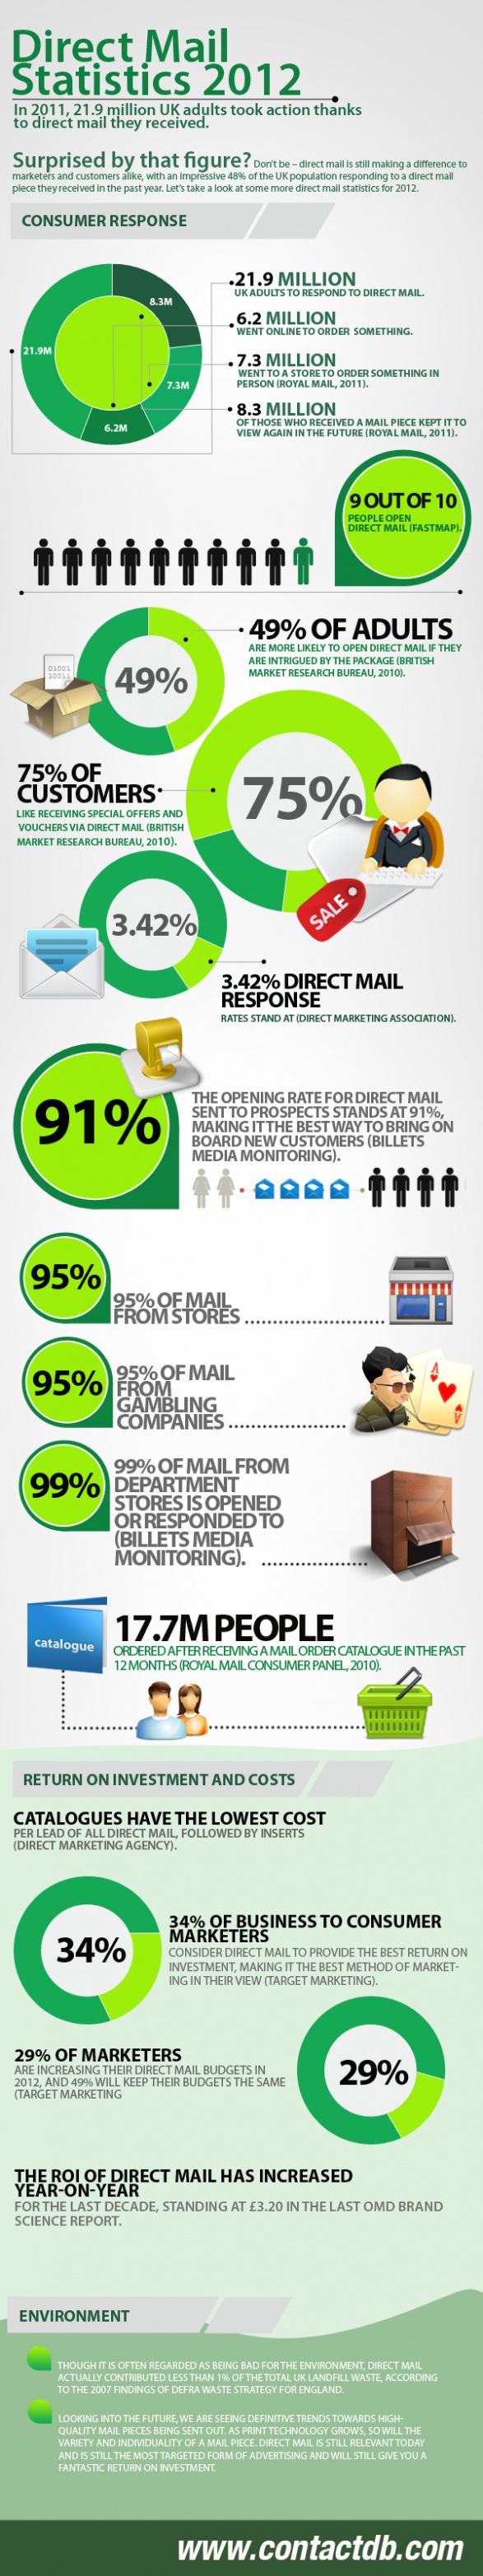 Das klassische Direktmarketing-Instrument Direct Mail ist das drittstärkste Medium im Werbemarkt. Erfahren Sie jetzt, welche Gründe es gibt, auch in Zeiten des Internets auf den Werbebrief zu setzen.